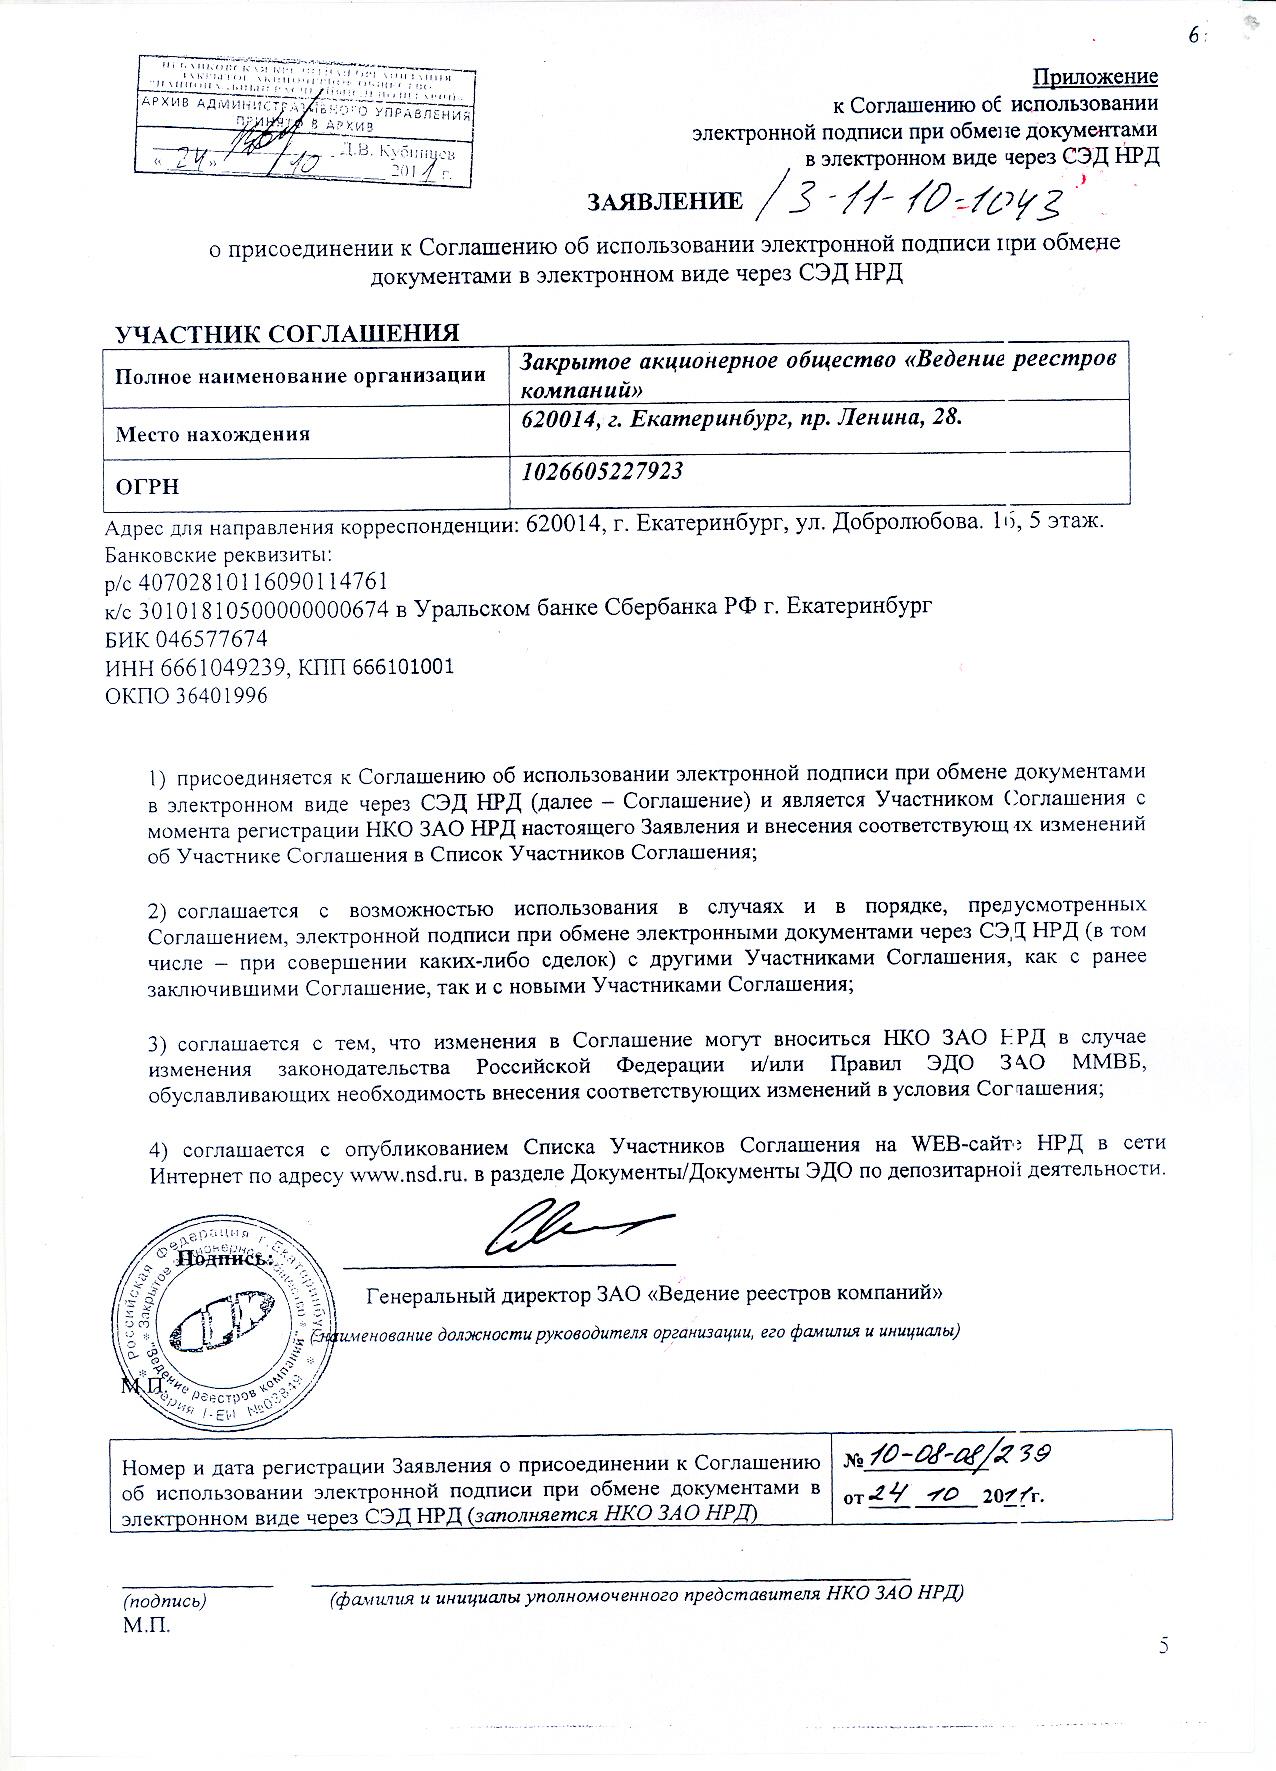 Документы ЭДО. НРД. - Ведение реестров компаний